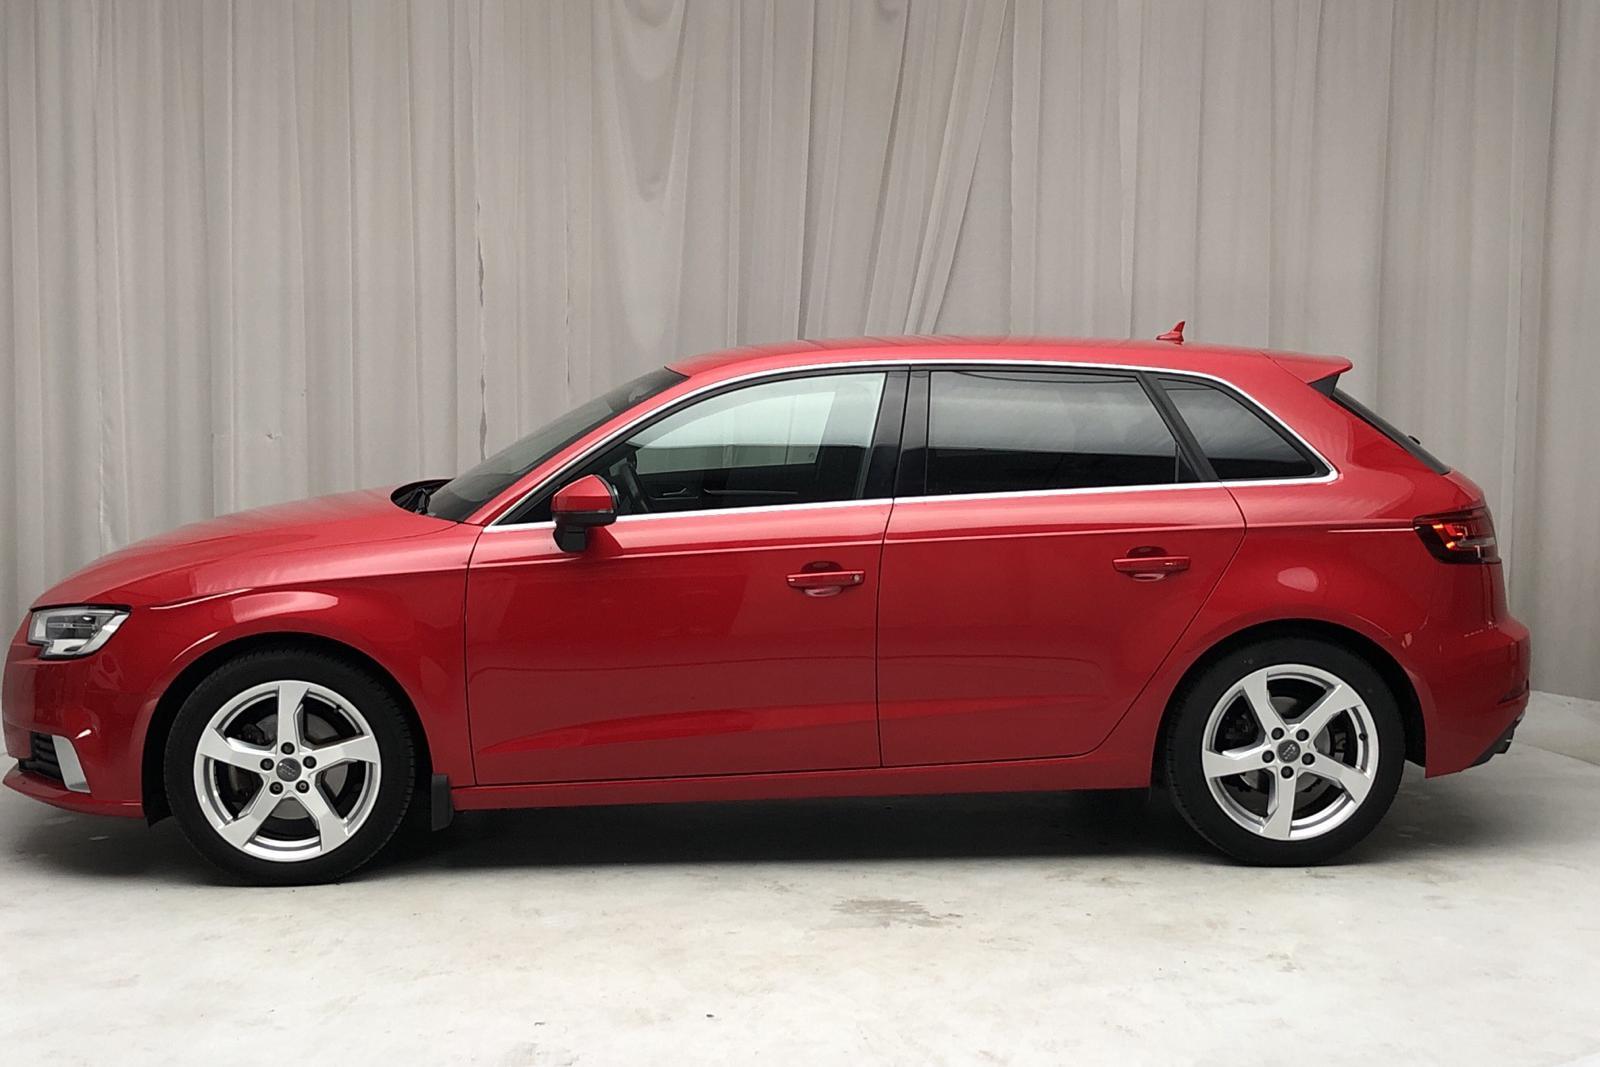 Audi A3 1.4 TFSI Sportback (150hk) - 0 km - Automatic - red - 2017